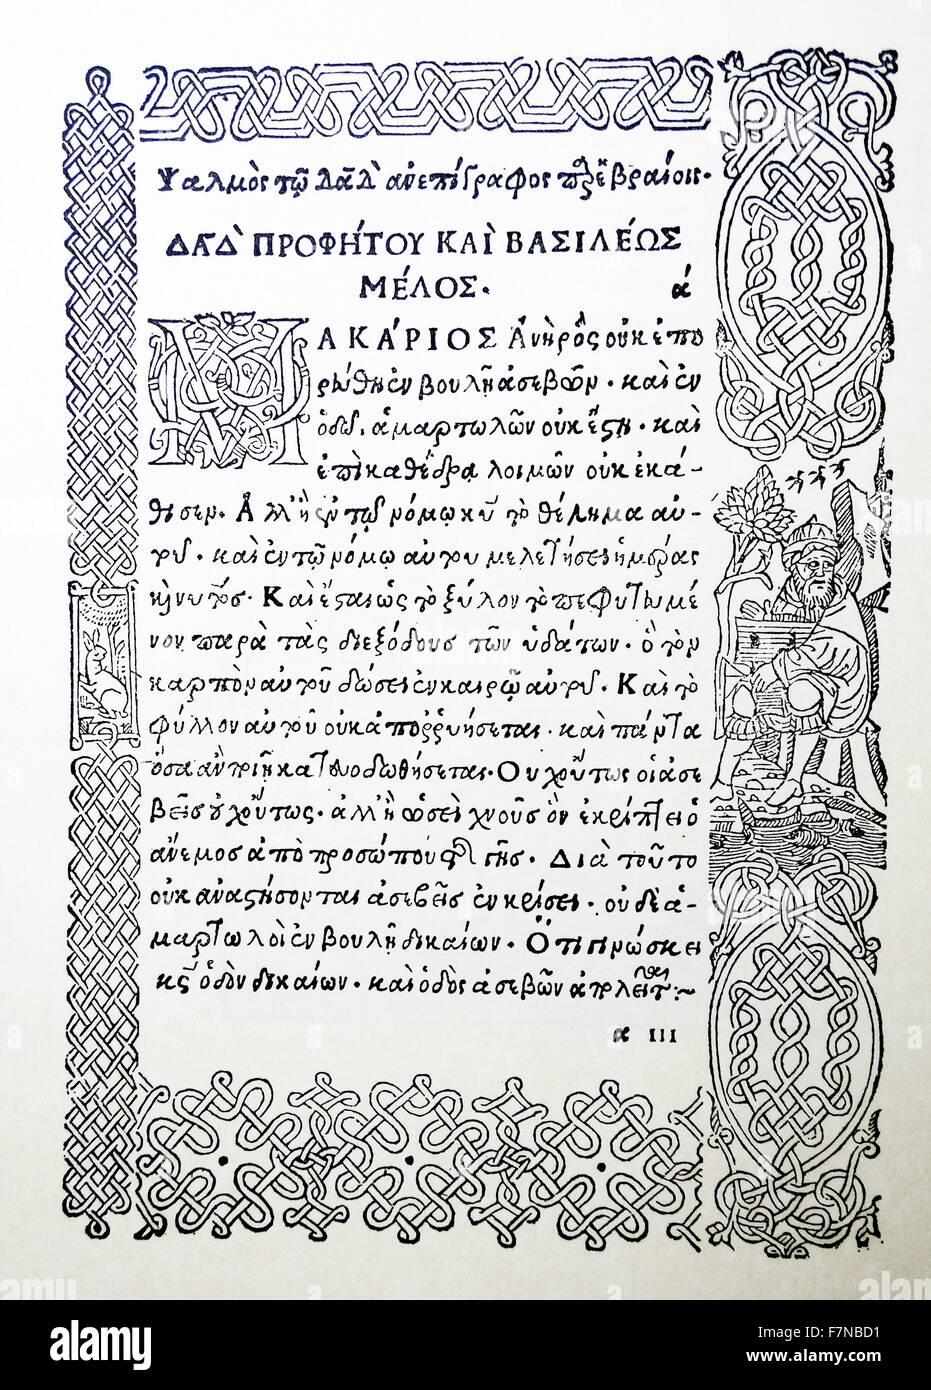 Comoediae novum d'Aristophane. gravure sur bois, datée 1498 Photo Stock